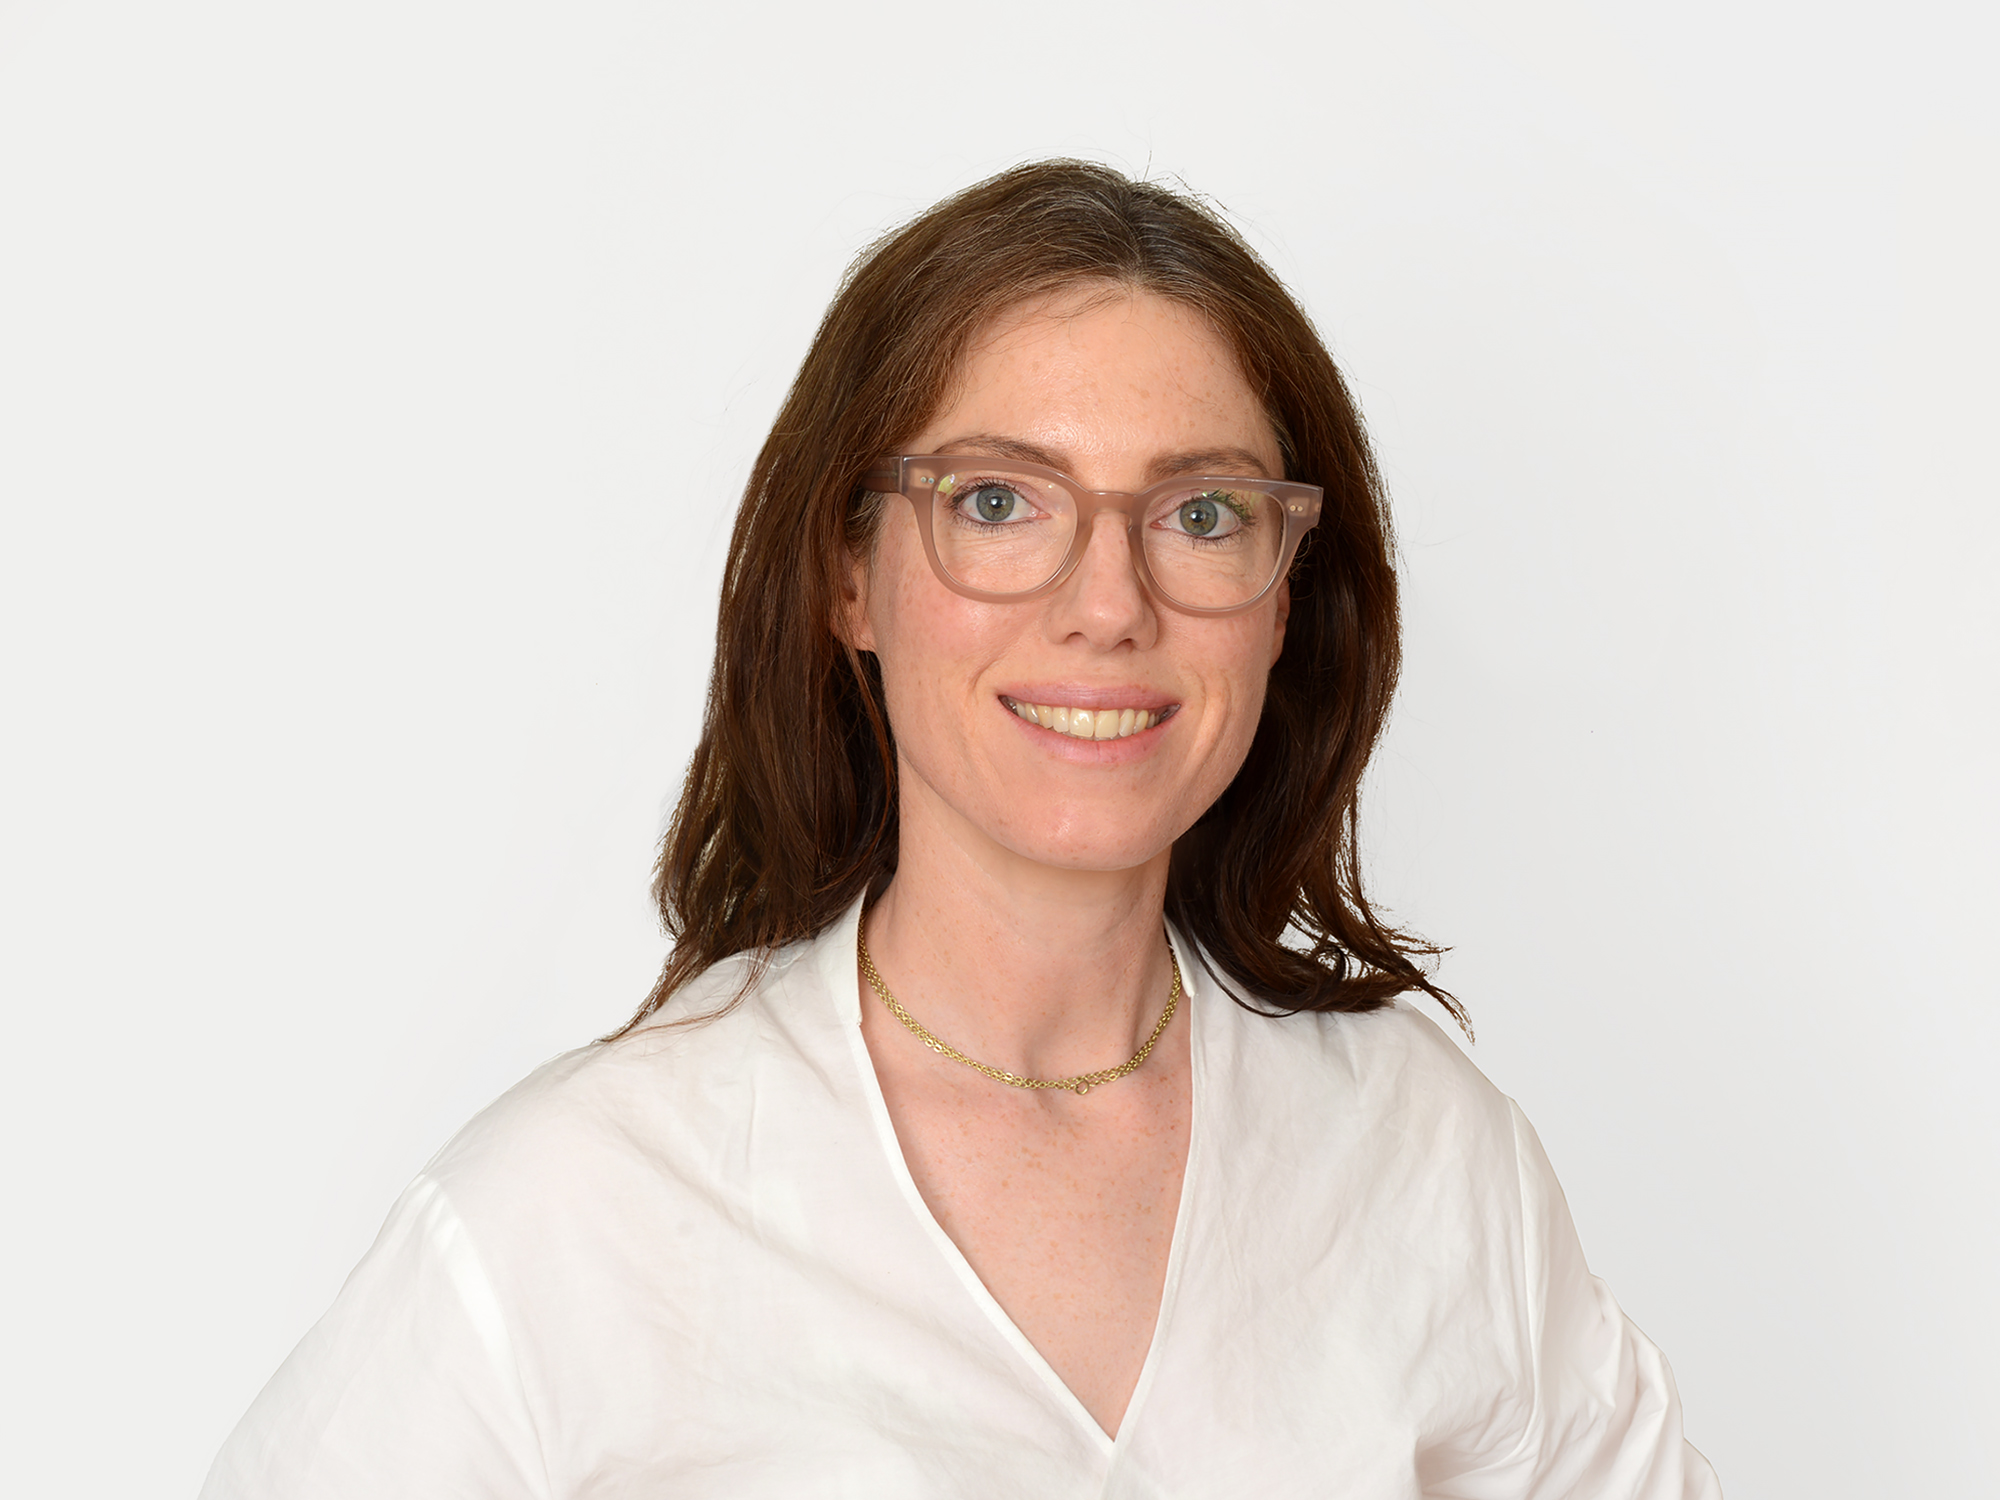 Dr Georgina Parr